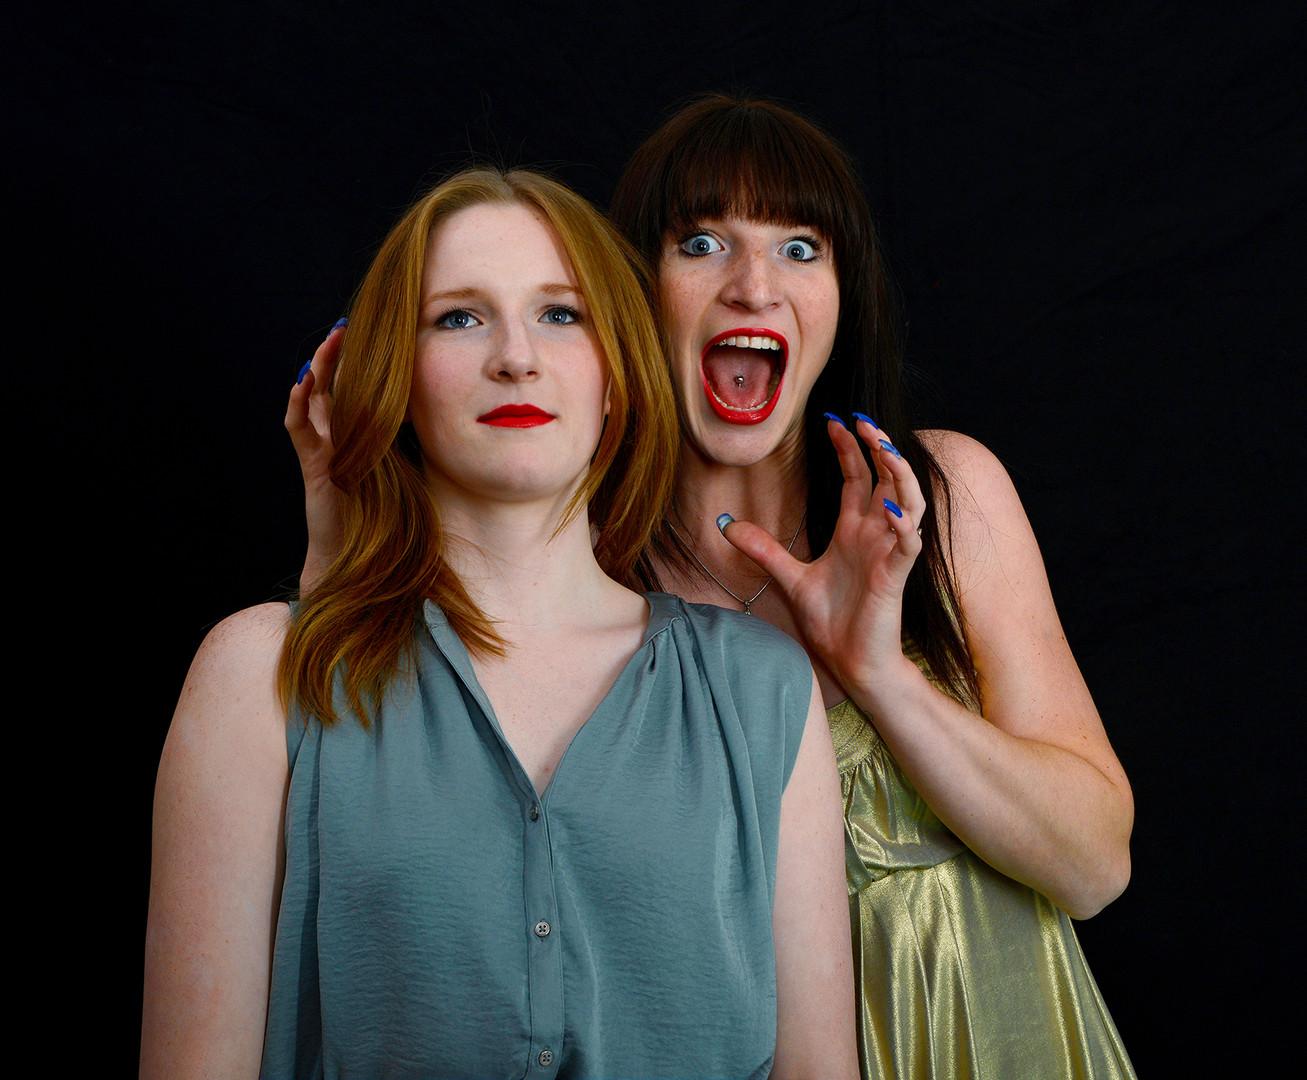 Fotoshooting Schwestern Grimassen